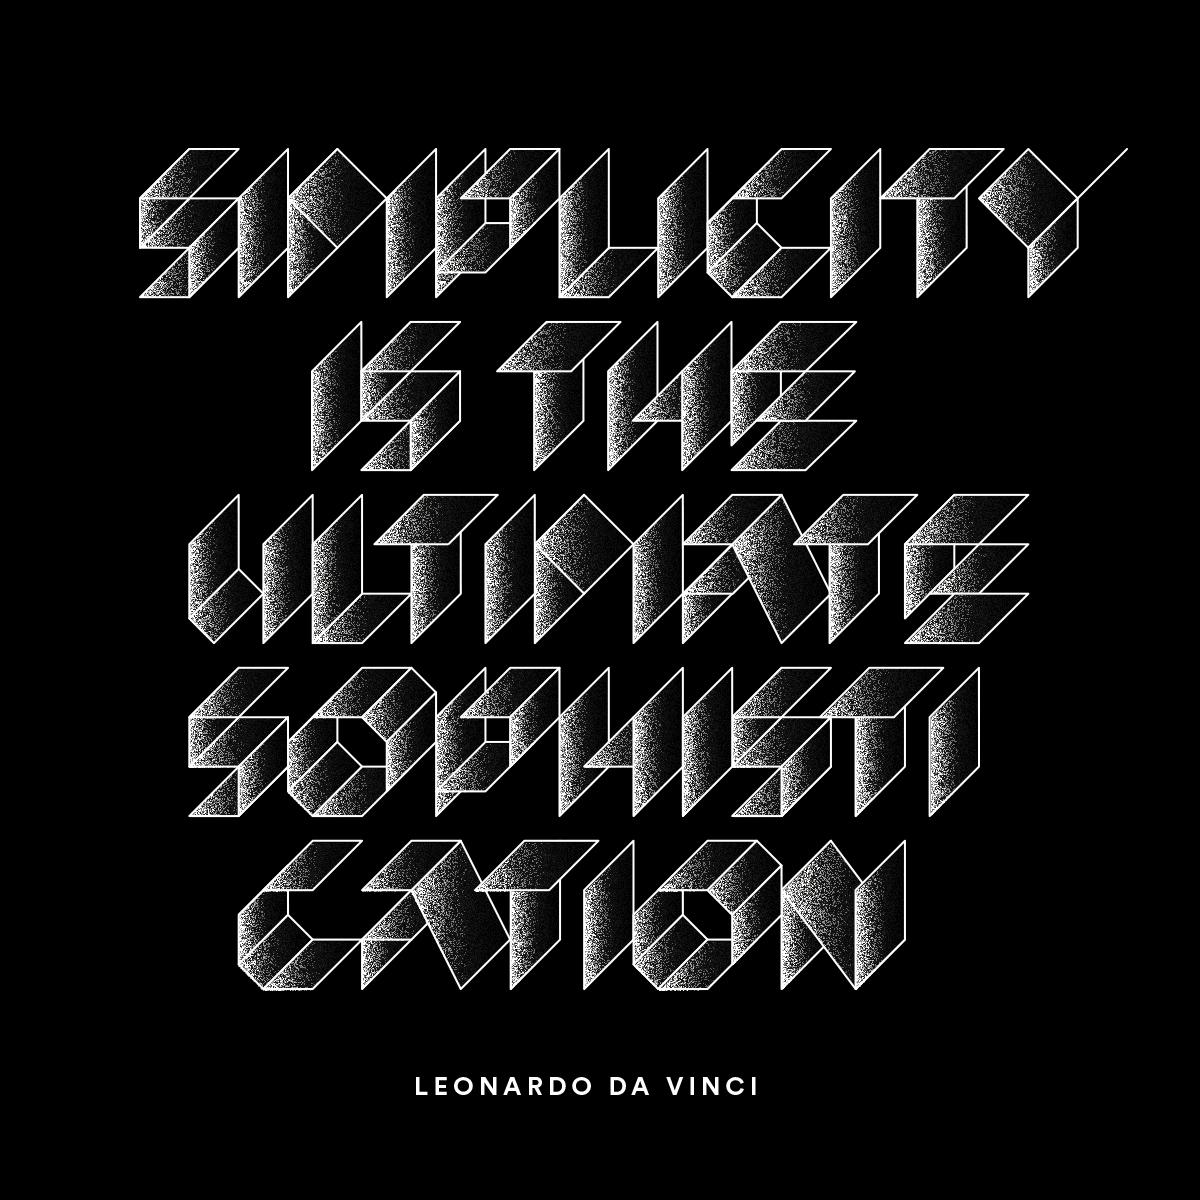 Design Quote Aiga Design Quotes On Behance